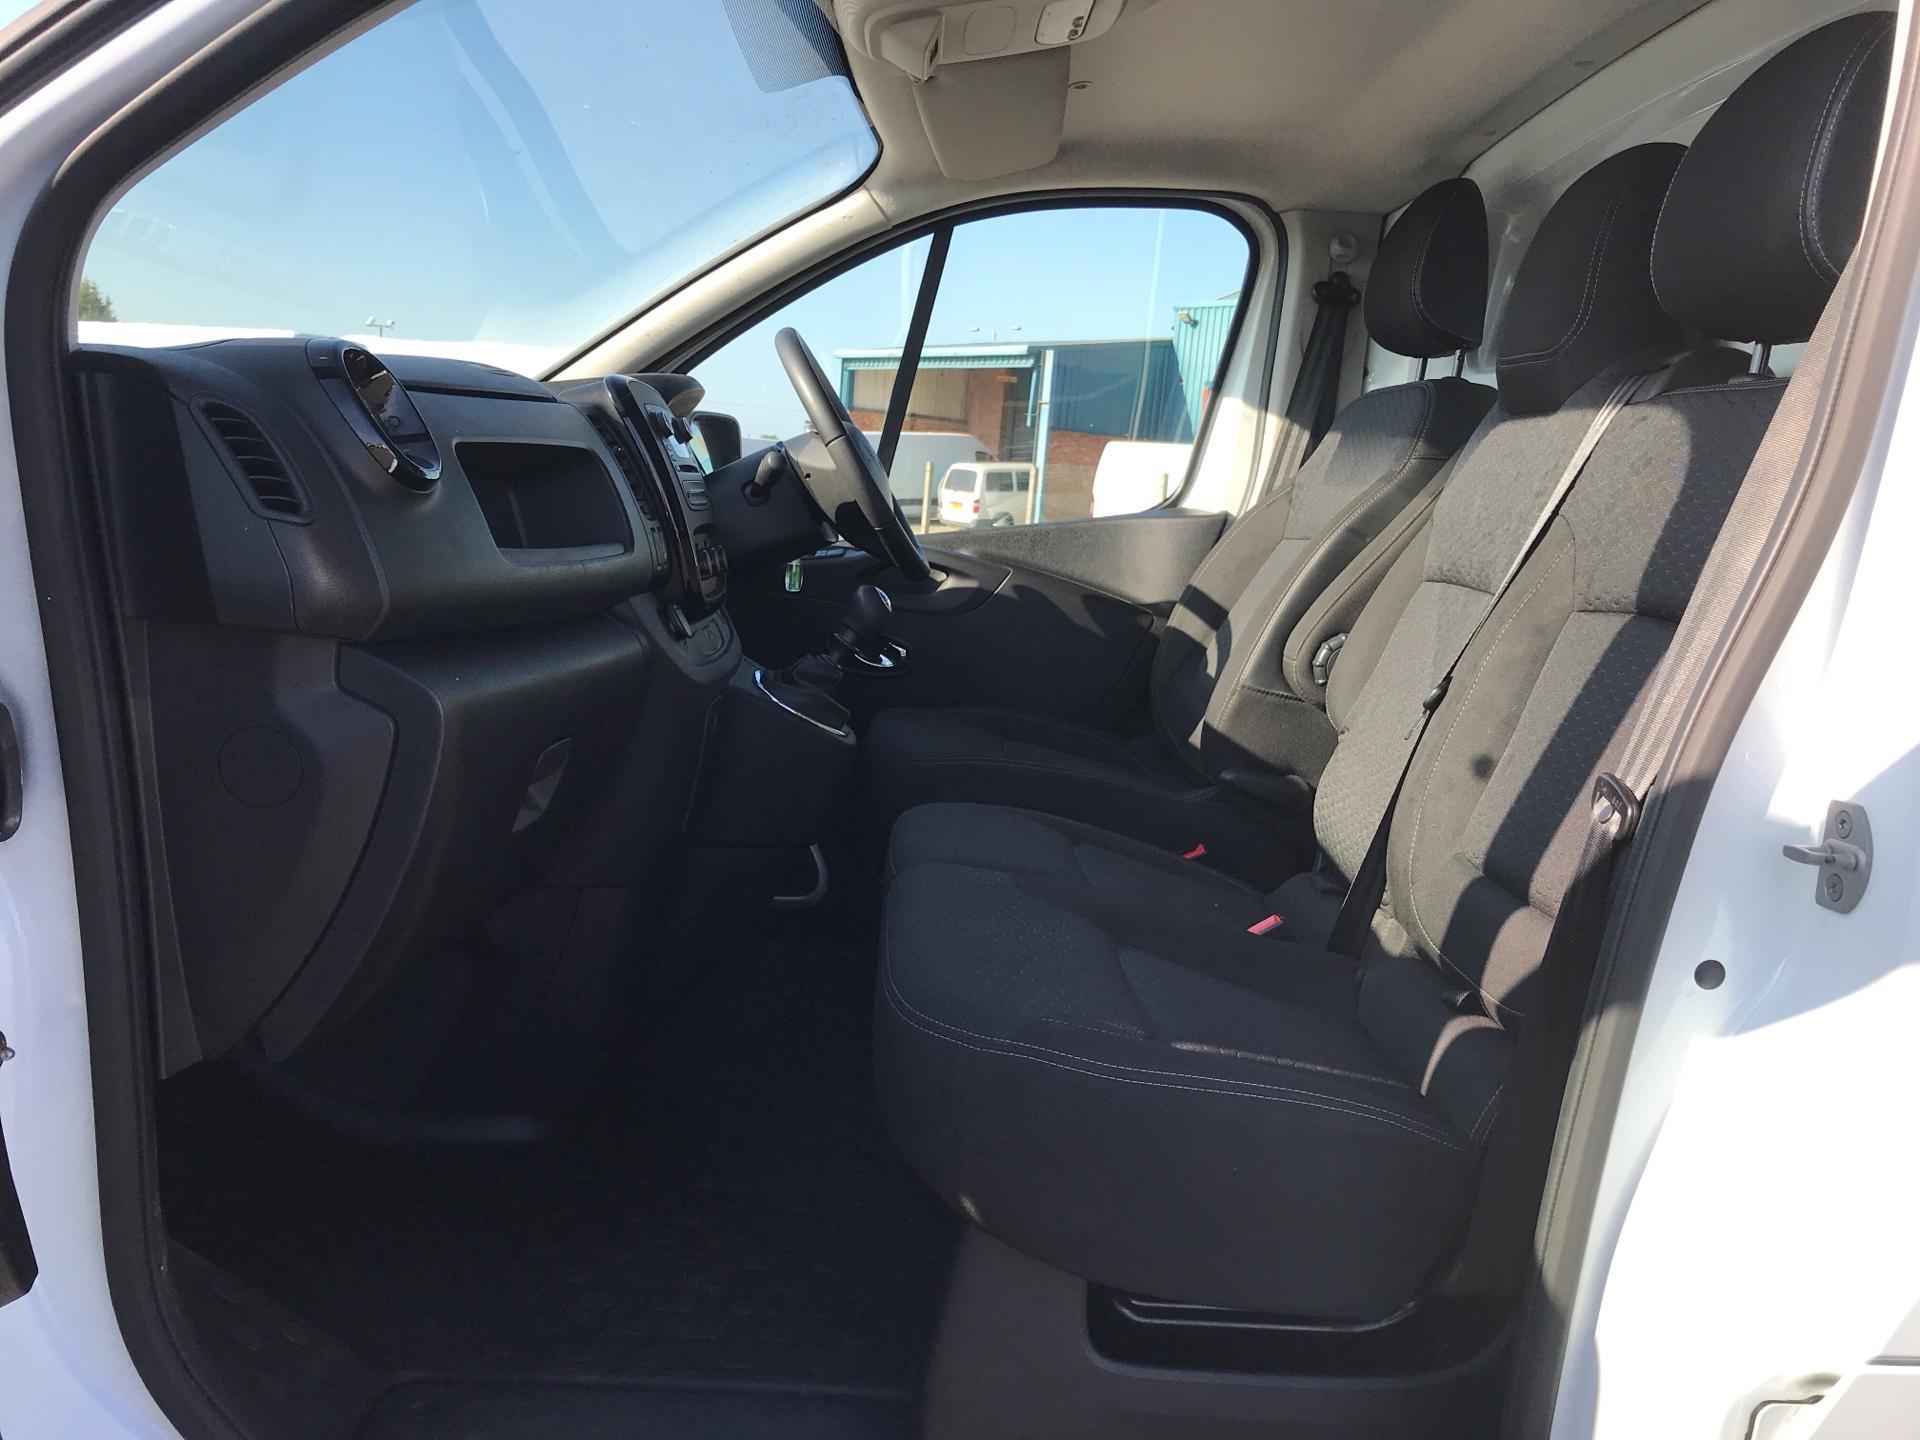 2017 Vauxhall Vivaro L2 H1 2900 1.6 115PS  BITURBO SPORTIVE  EURO 5 (YS17GKY) Image 14